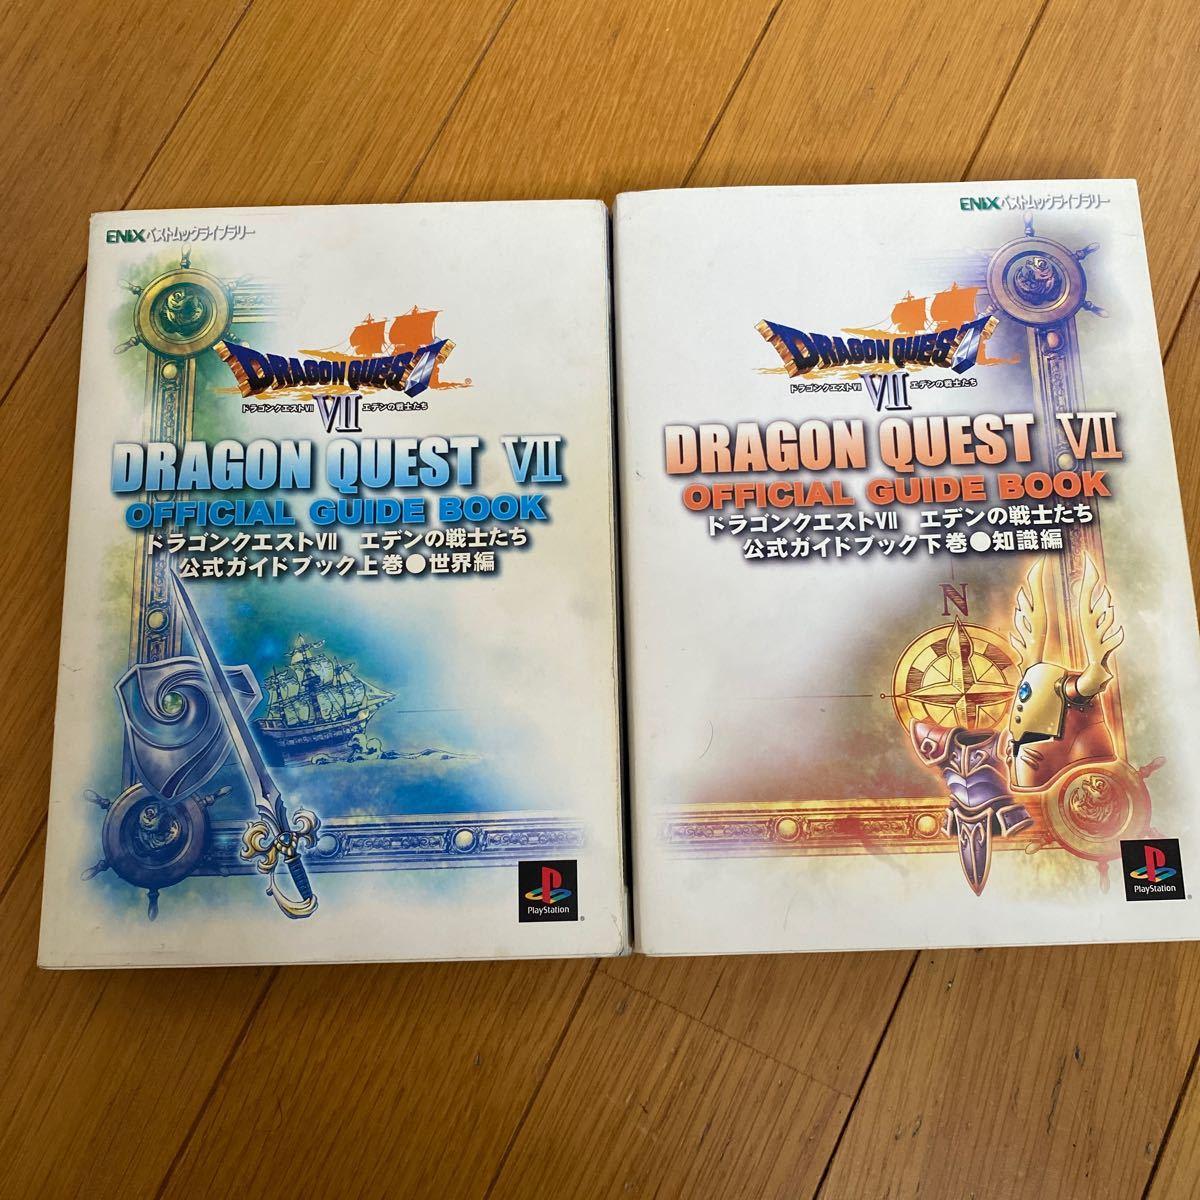 ドラゴンクエスト7 エデンの戦士たち 公式ガイドブック 世界編 (上下巻) ゲーム攻略本 (その他)